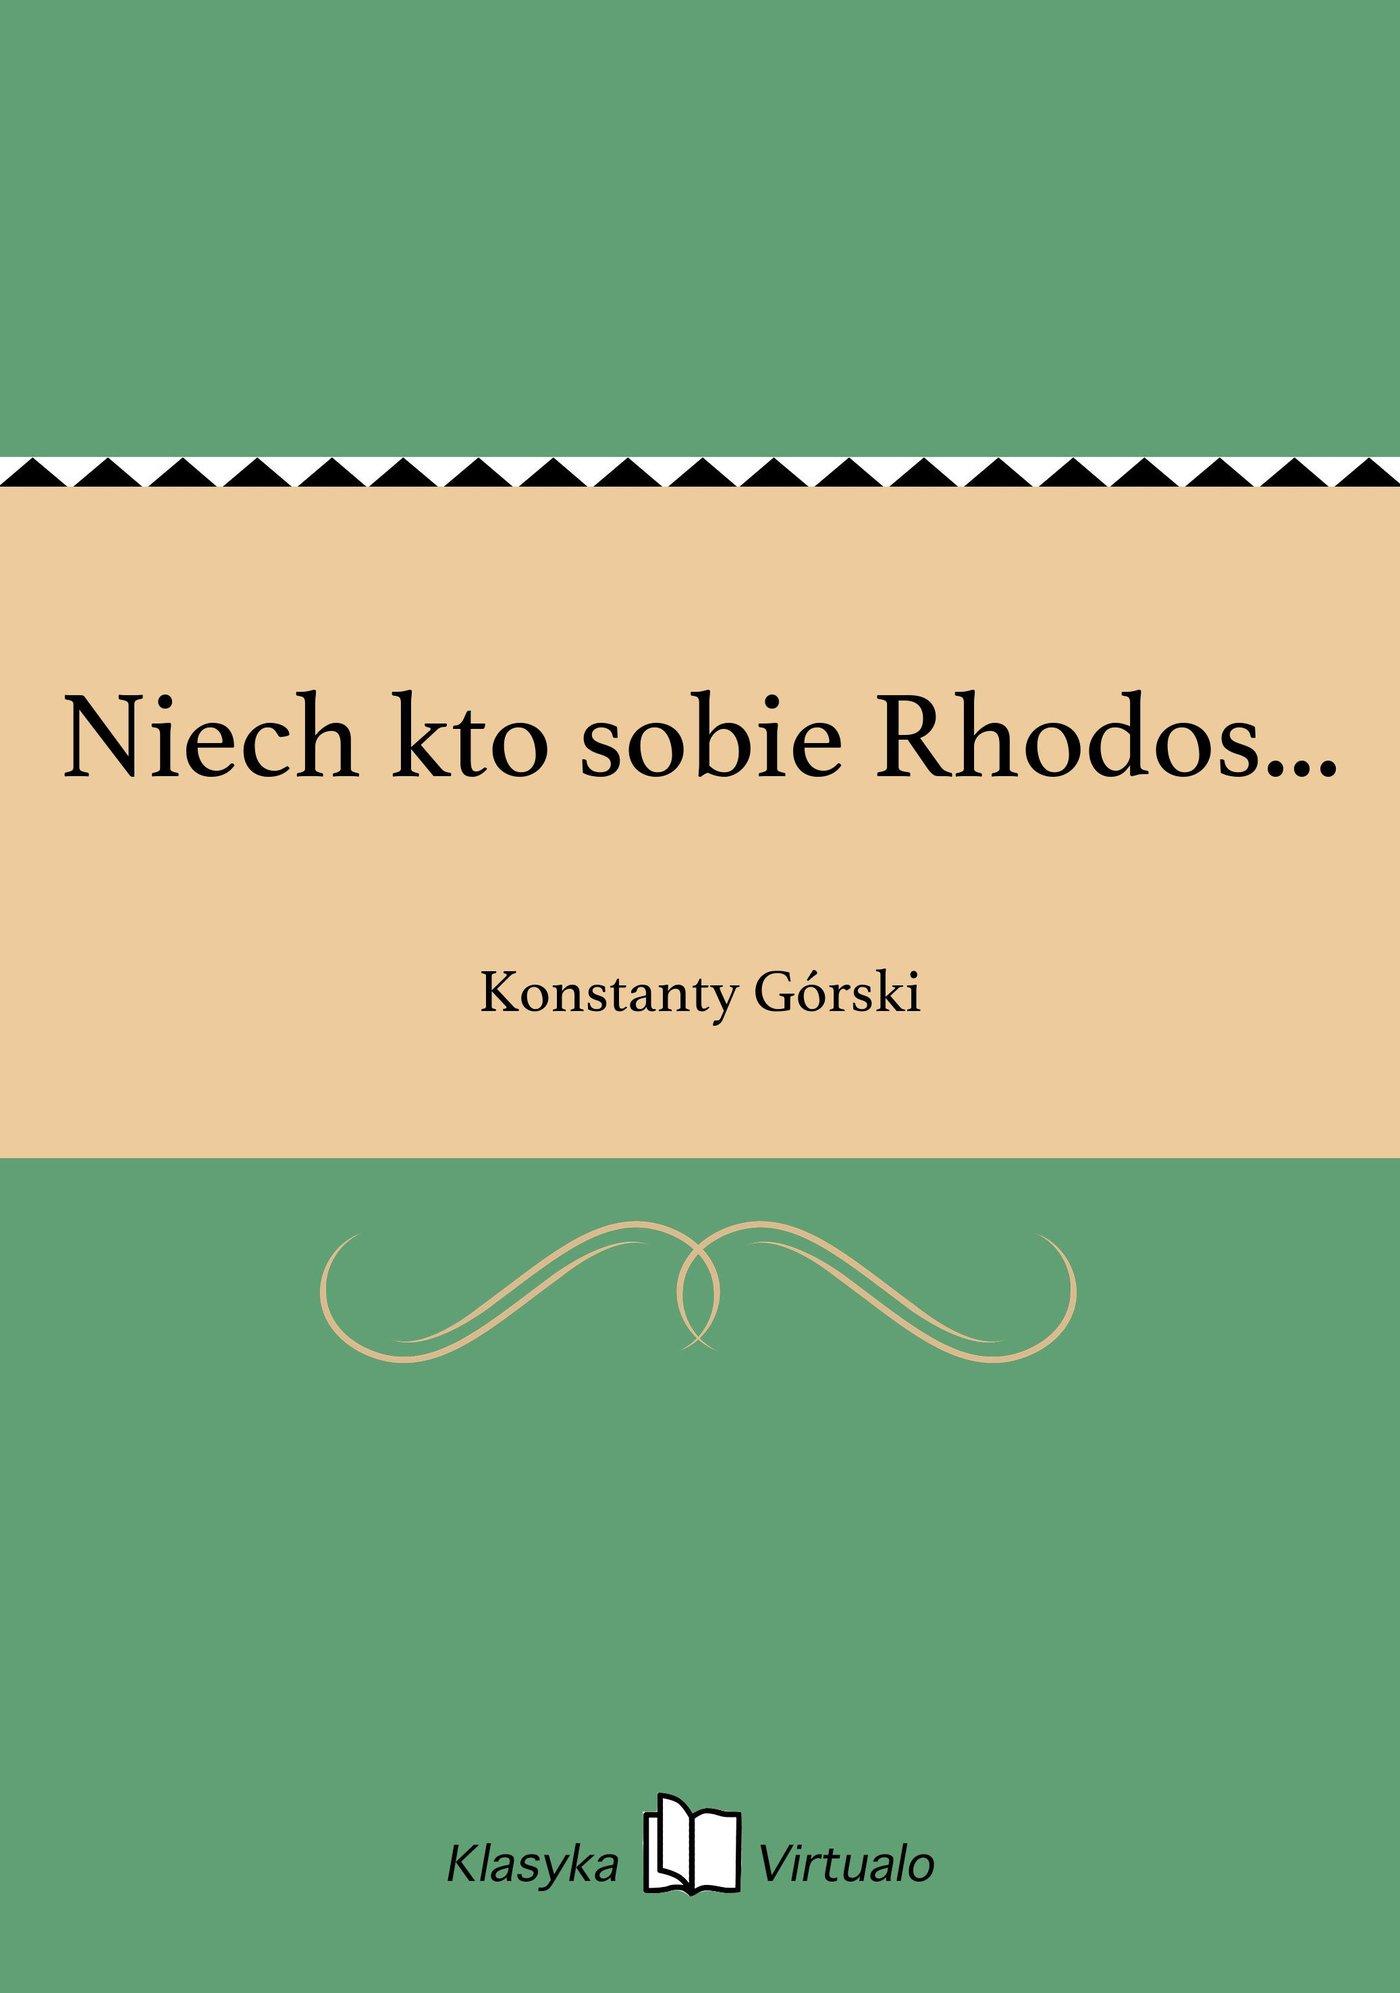 Niech kto sobie Rhodos... - Ebook (Książka EPUB) do pobrania w formacie EPUB